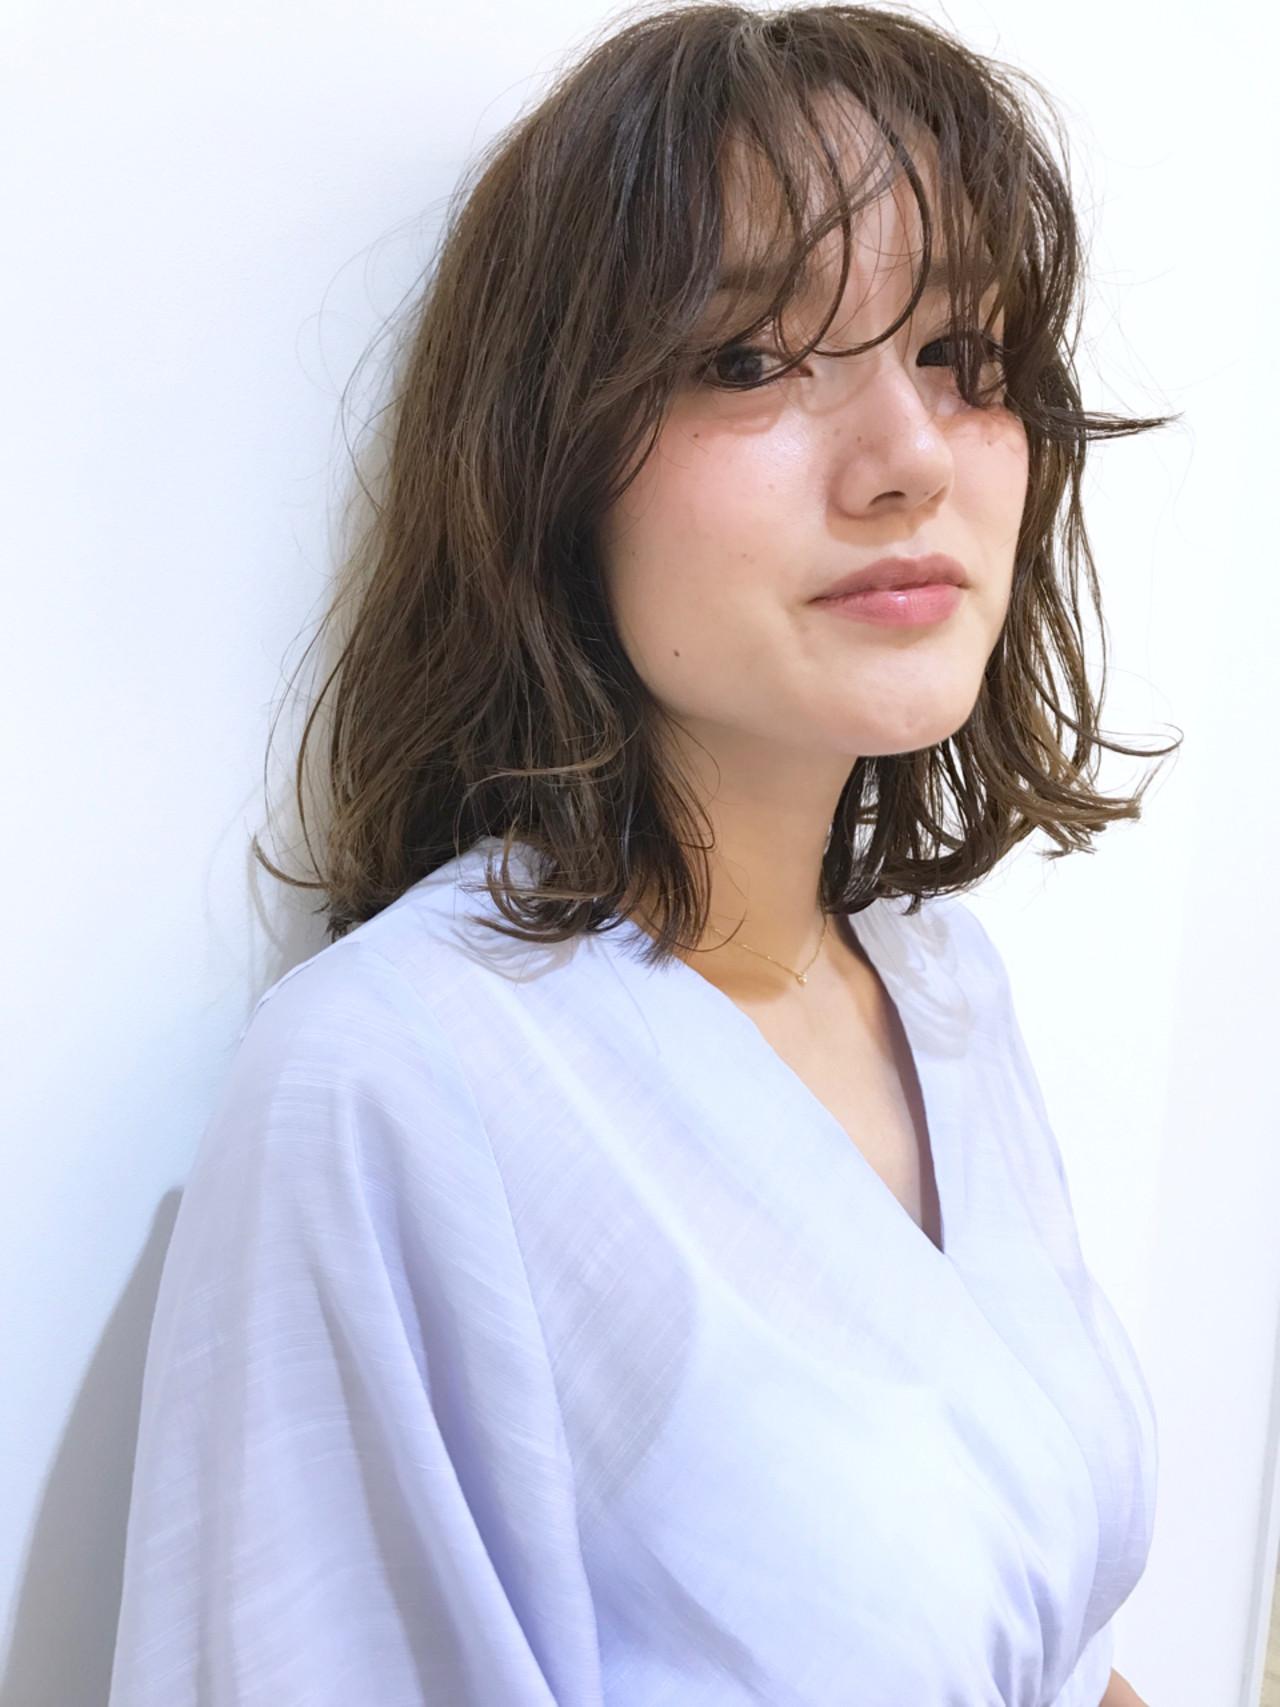 アンニュイ ミディアム ウェーブ ハイライト ヘアスタイルや髪型の写真・画像